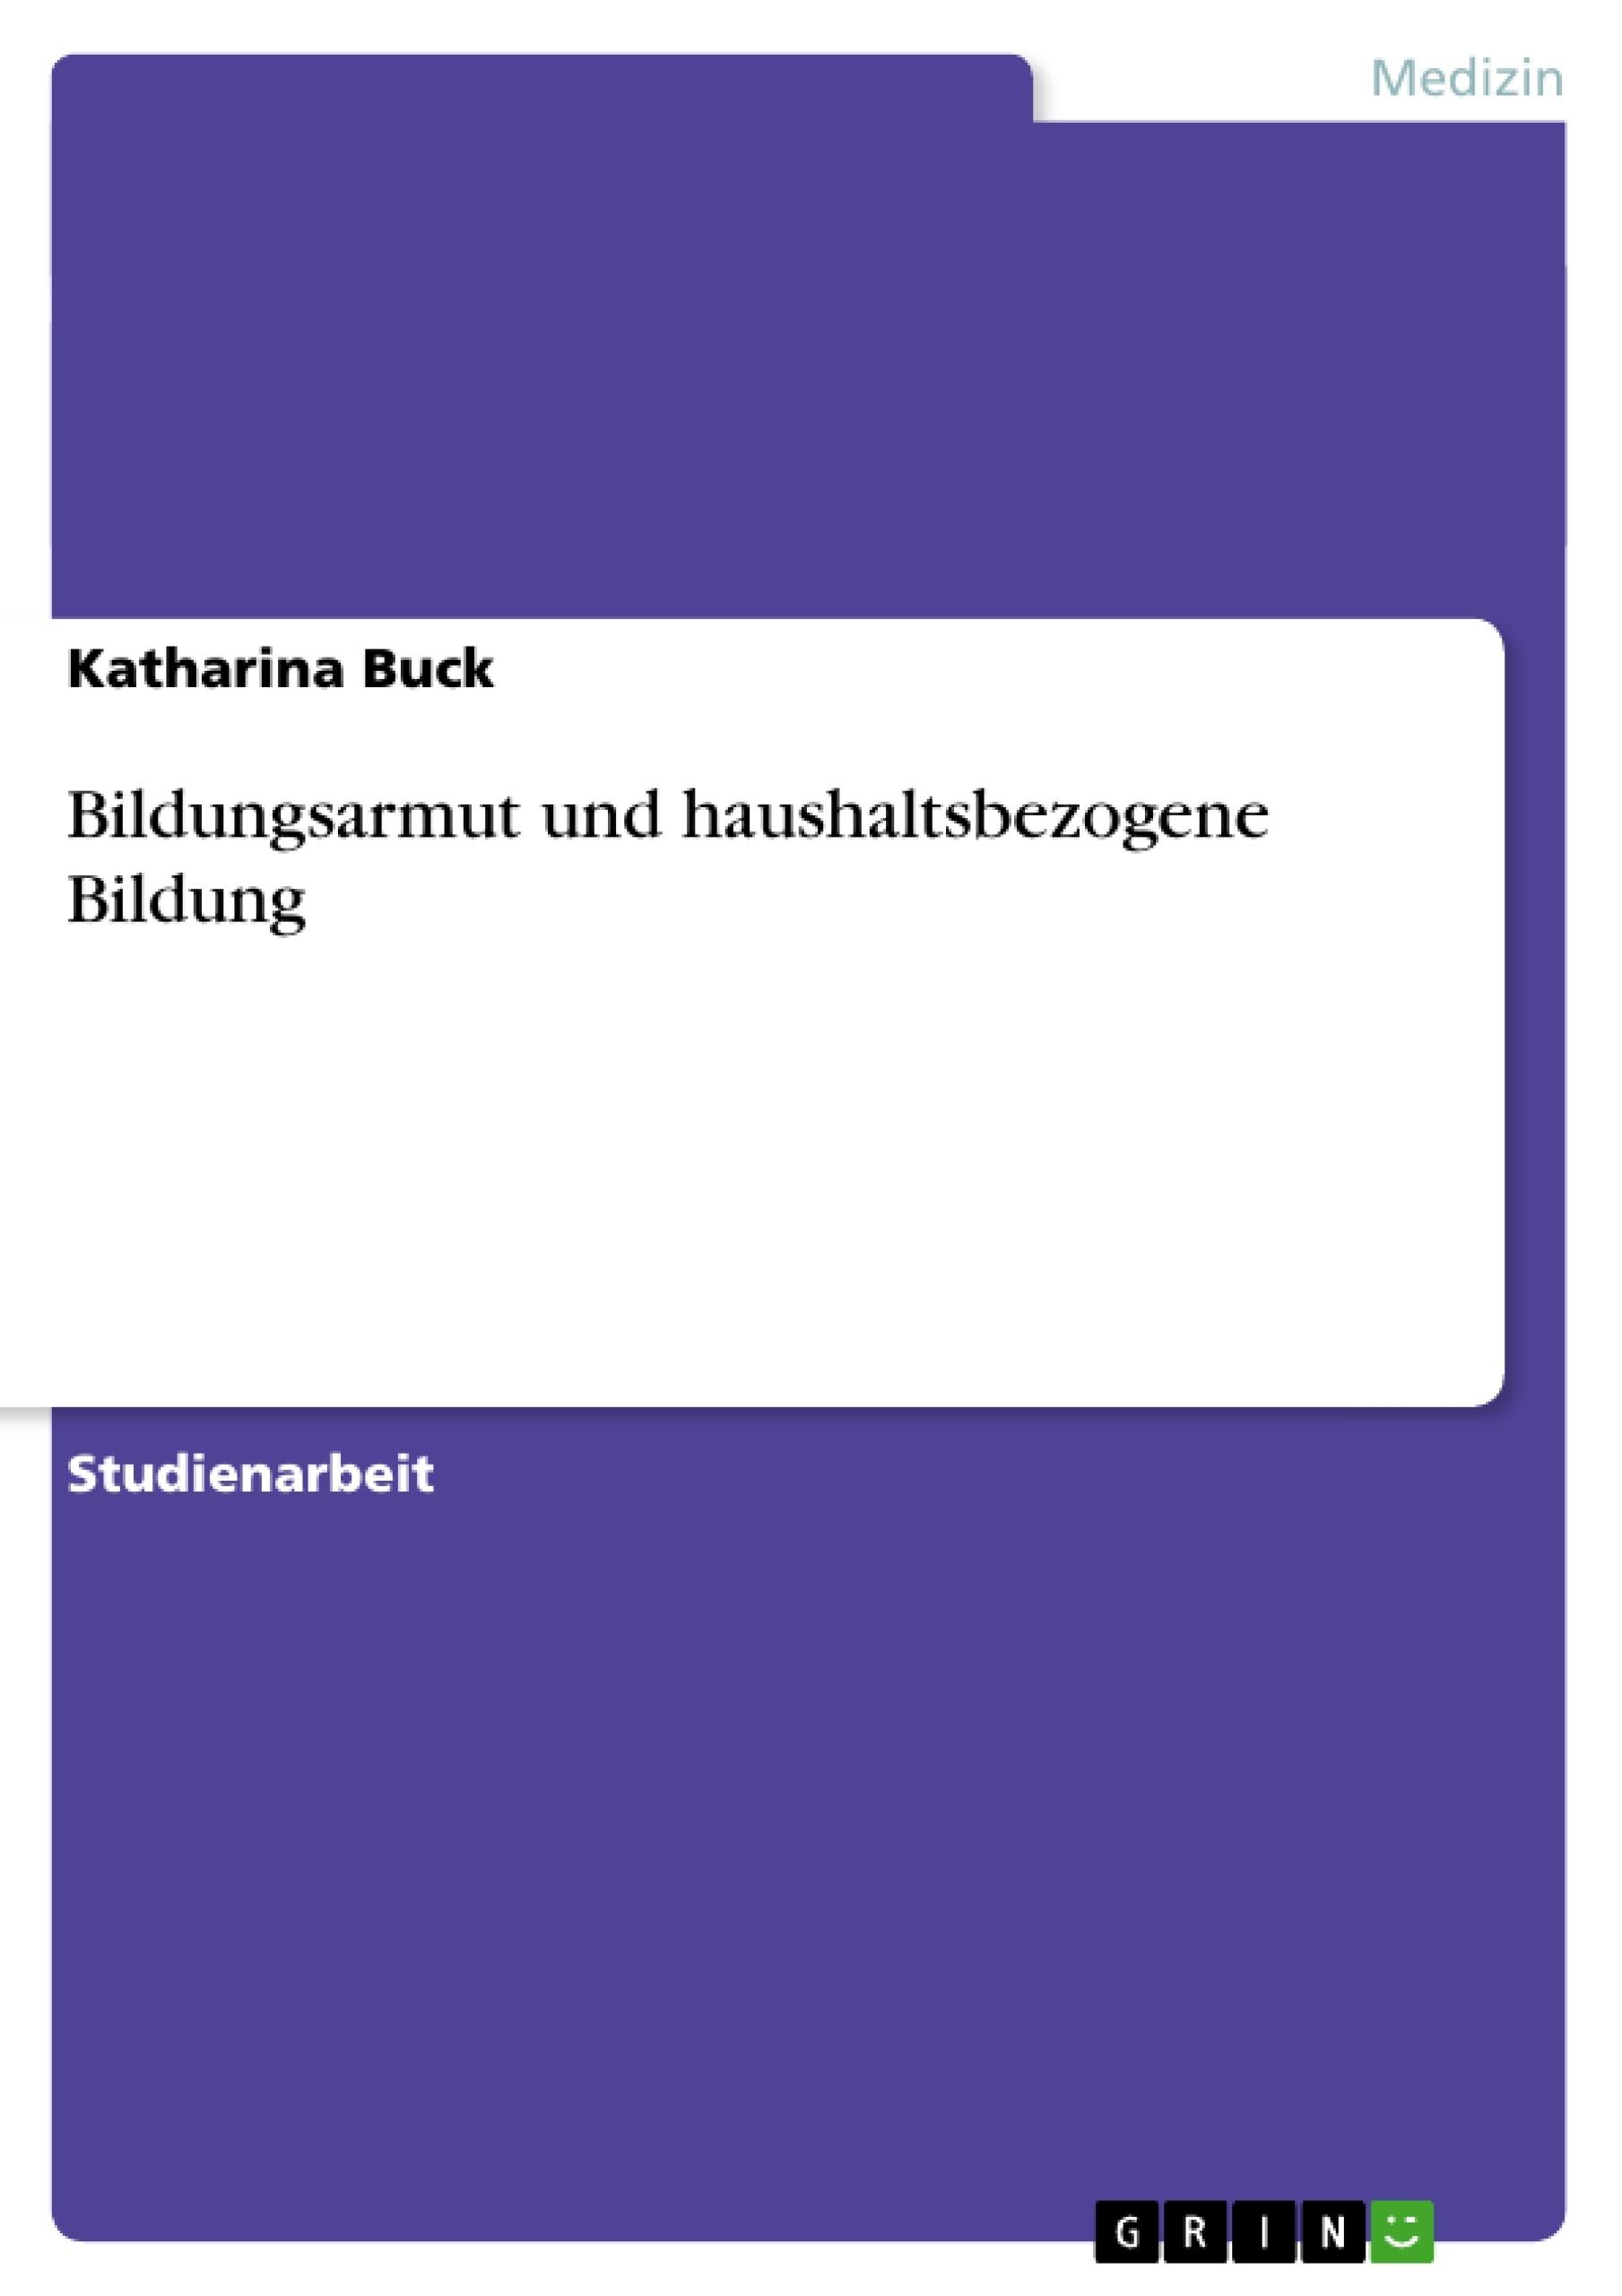 Titel: Bildungsarmut und haushaltsbezogene Bildung